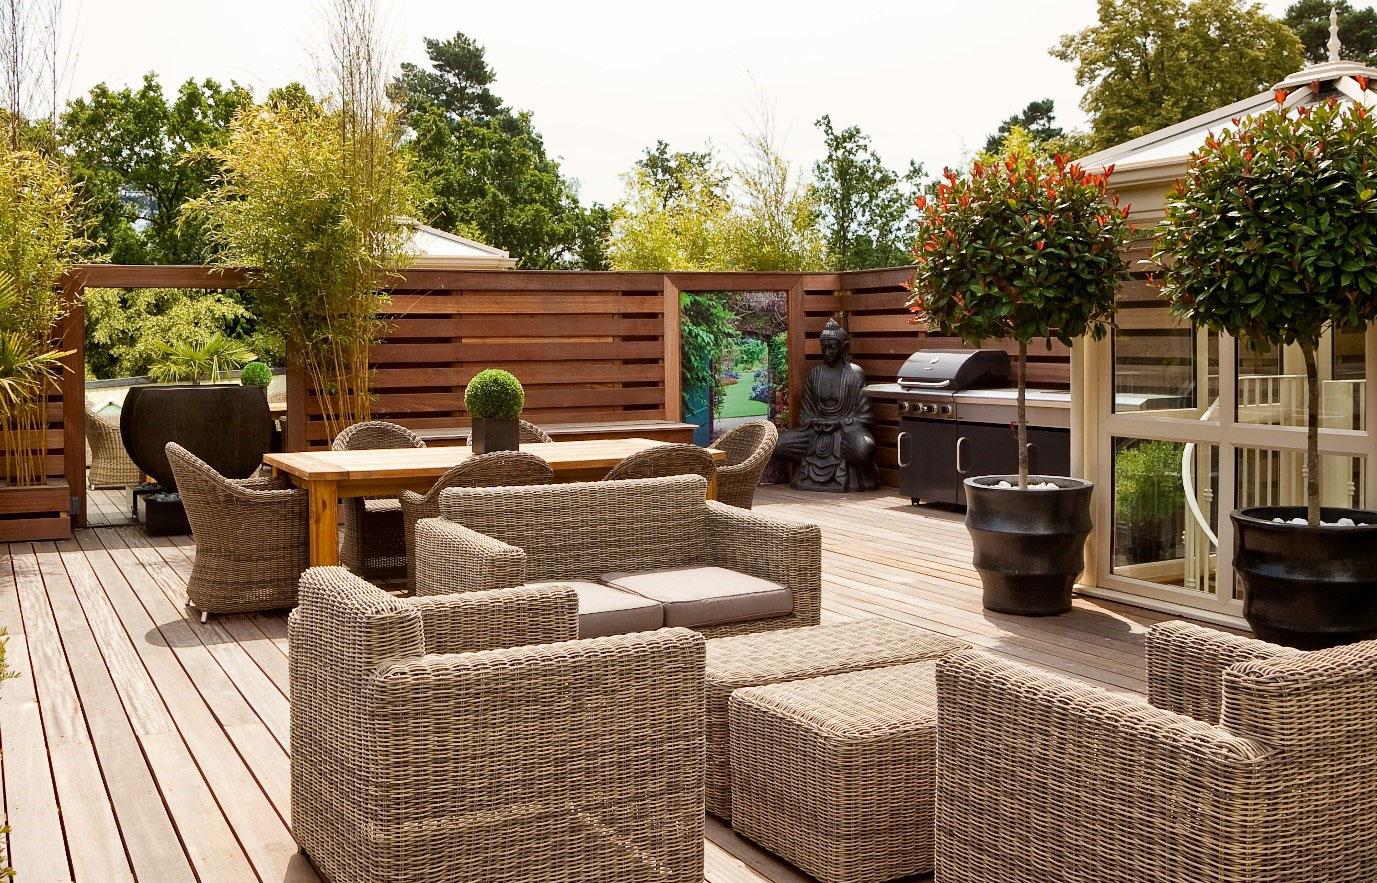 8 Garden Interior Design Tips - Perfect Your Garden Design This ...